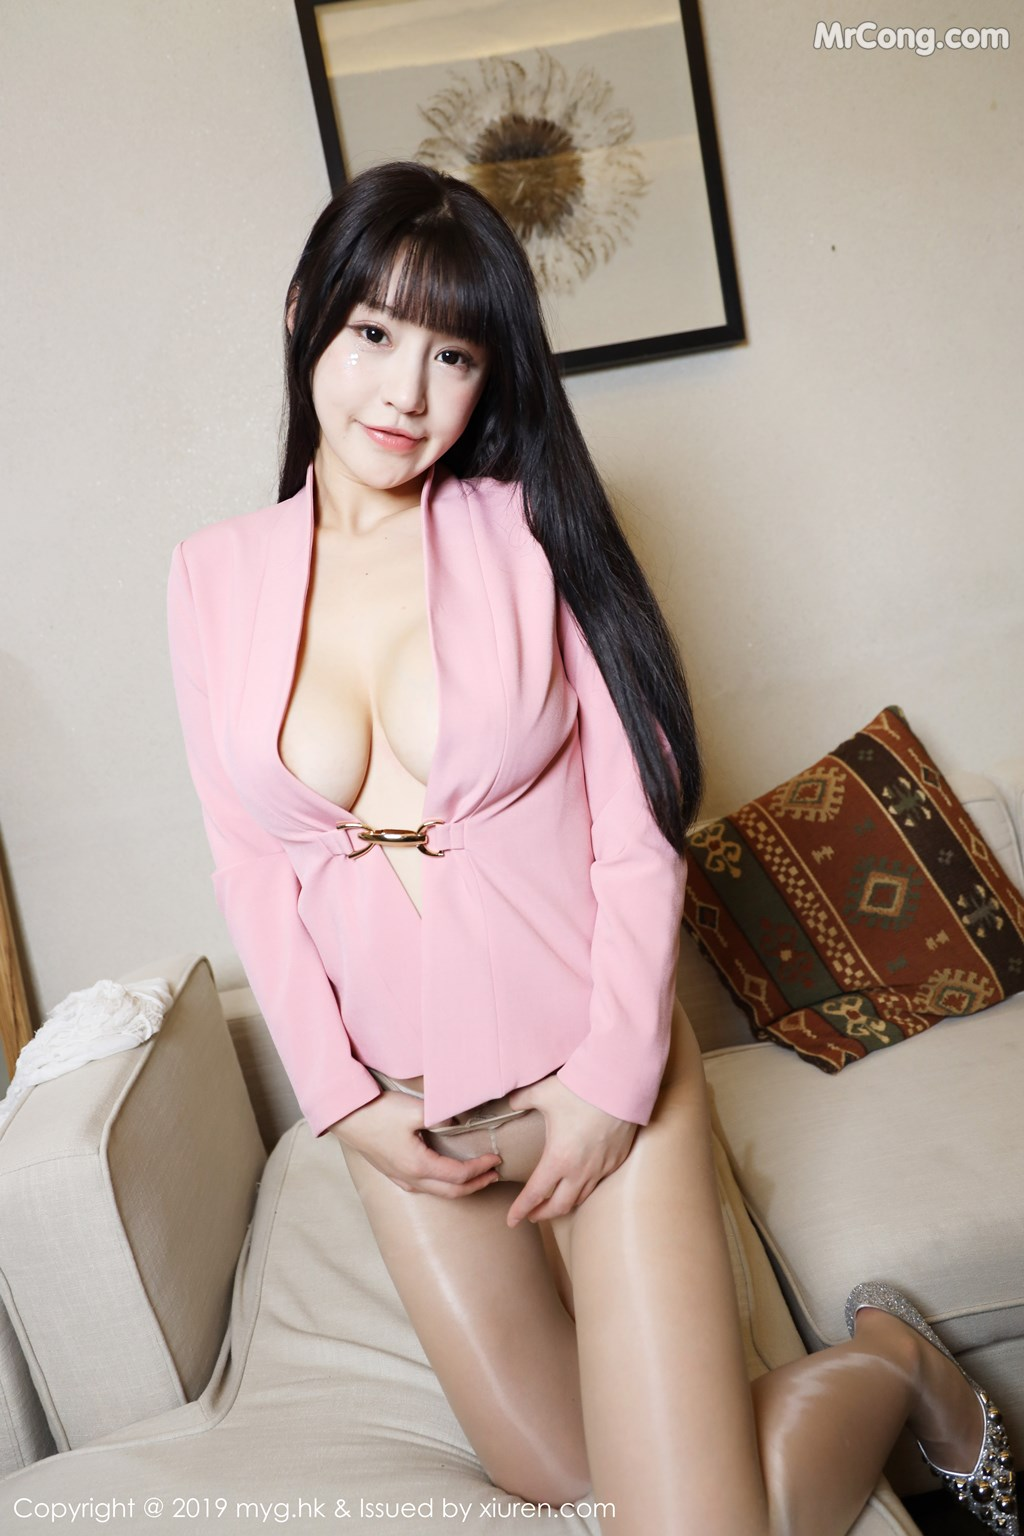 Image MyGirl-Vol.388-Zhu-Ke-Er-Flower-MrCong.com-041 in post MyGirl Vol.388: Zhu Ke Er (Flower朱可儿) (51 ảnh)